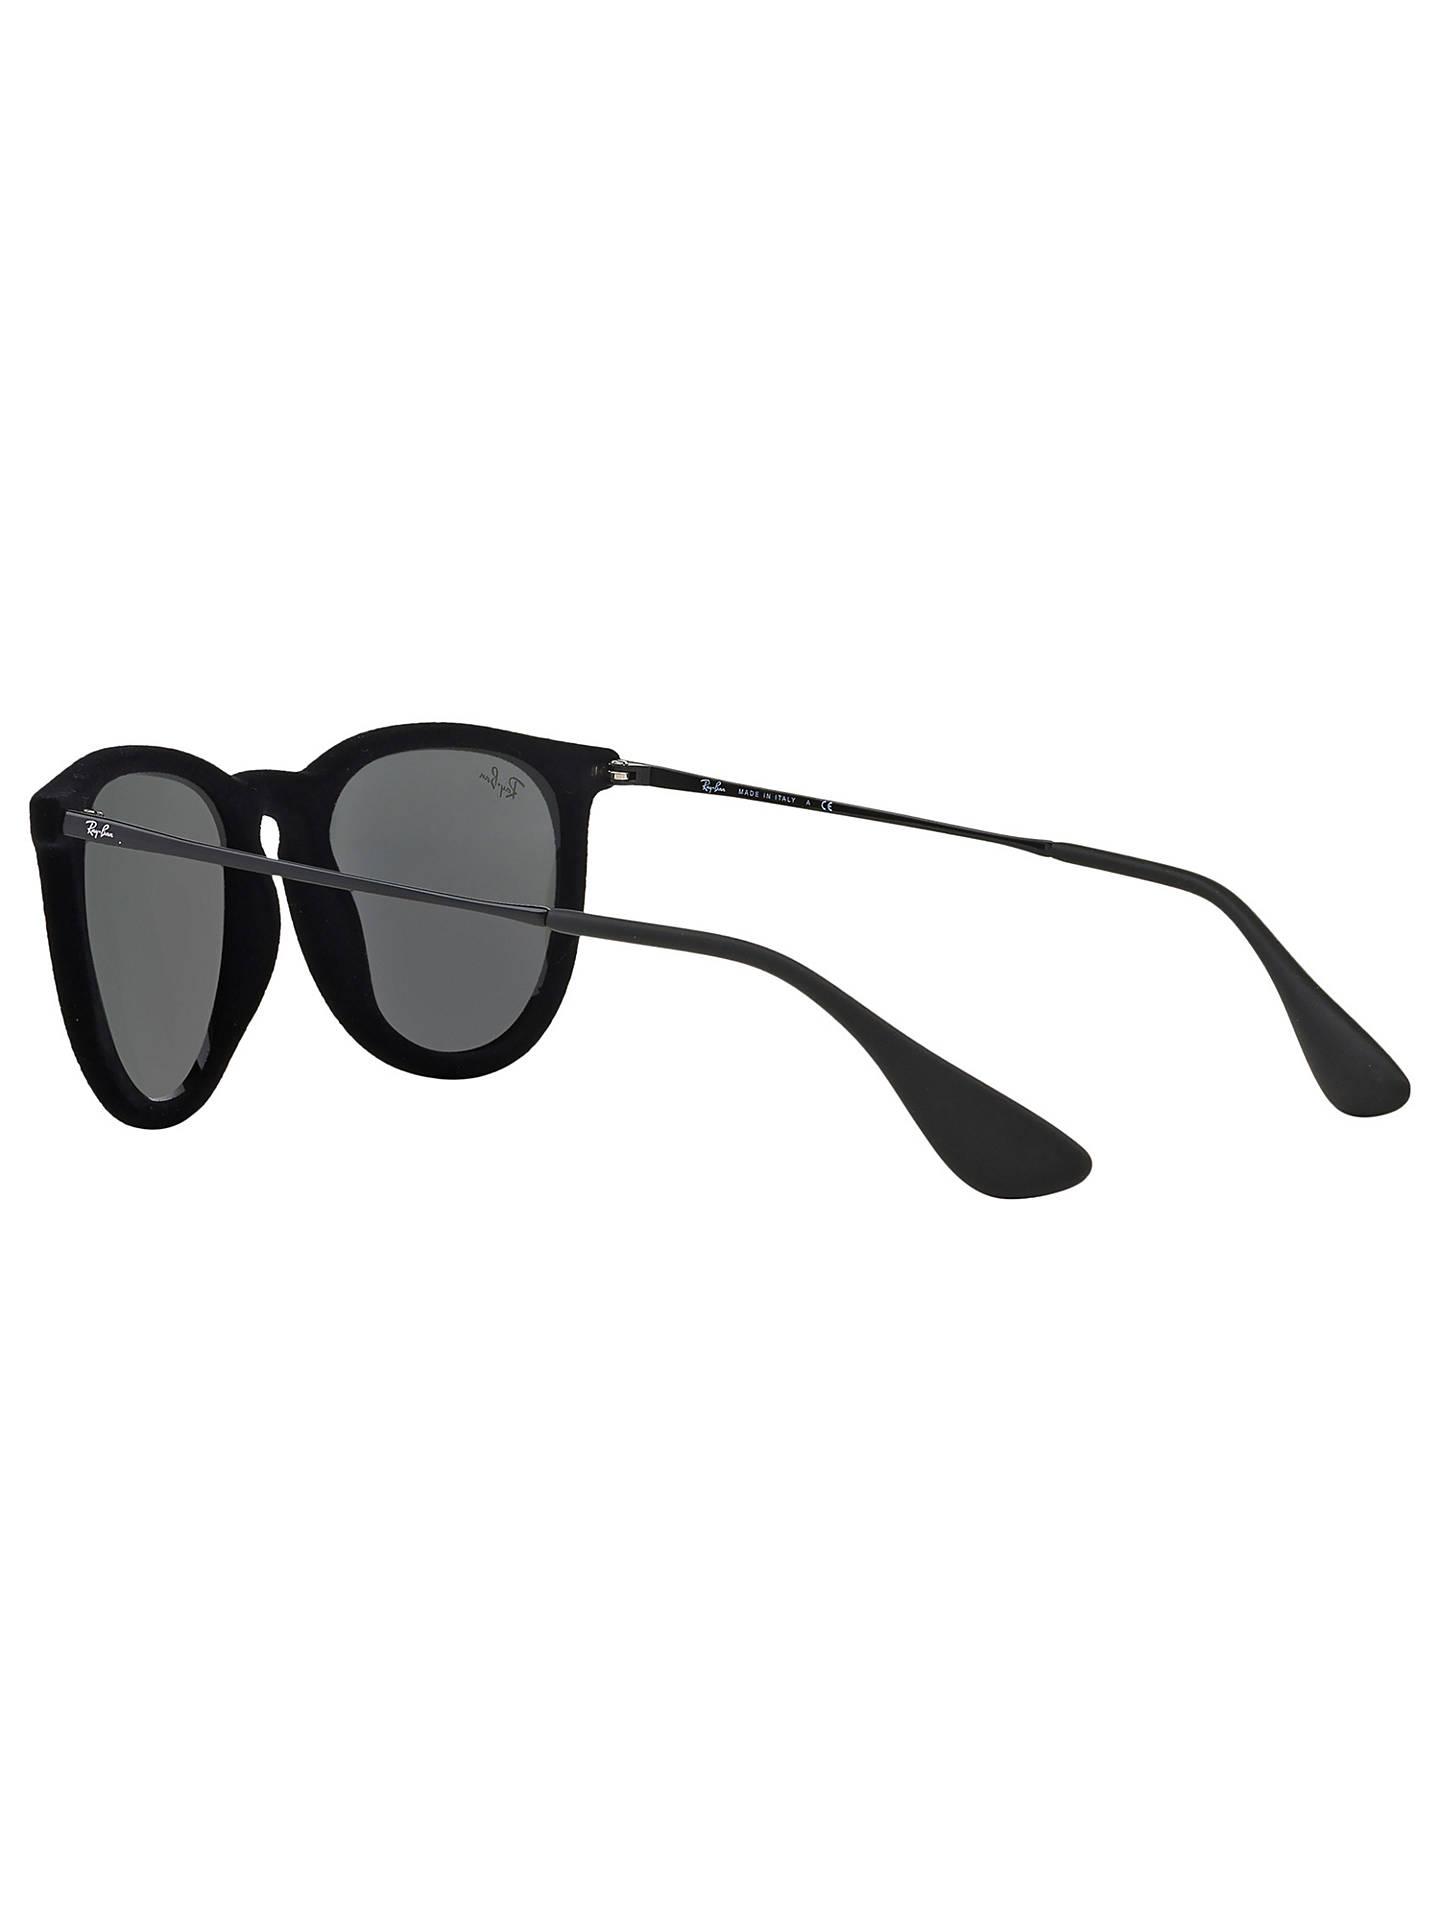 Ray Ban Rb4171 Erika Sunglasses Velvet Black Mirror